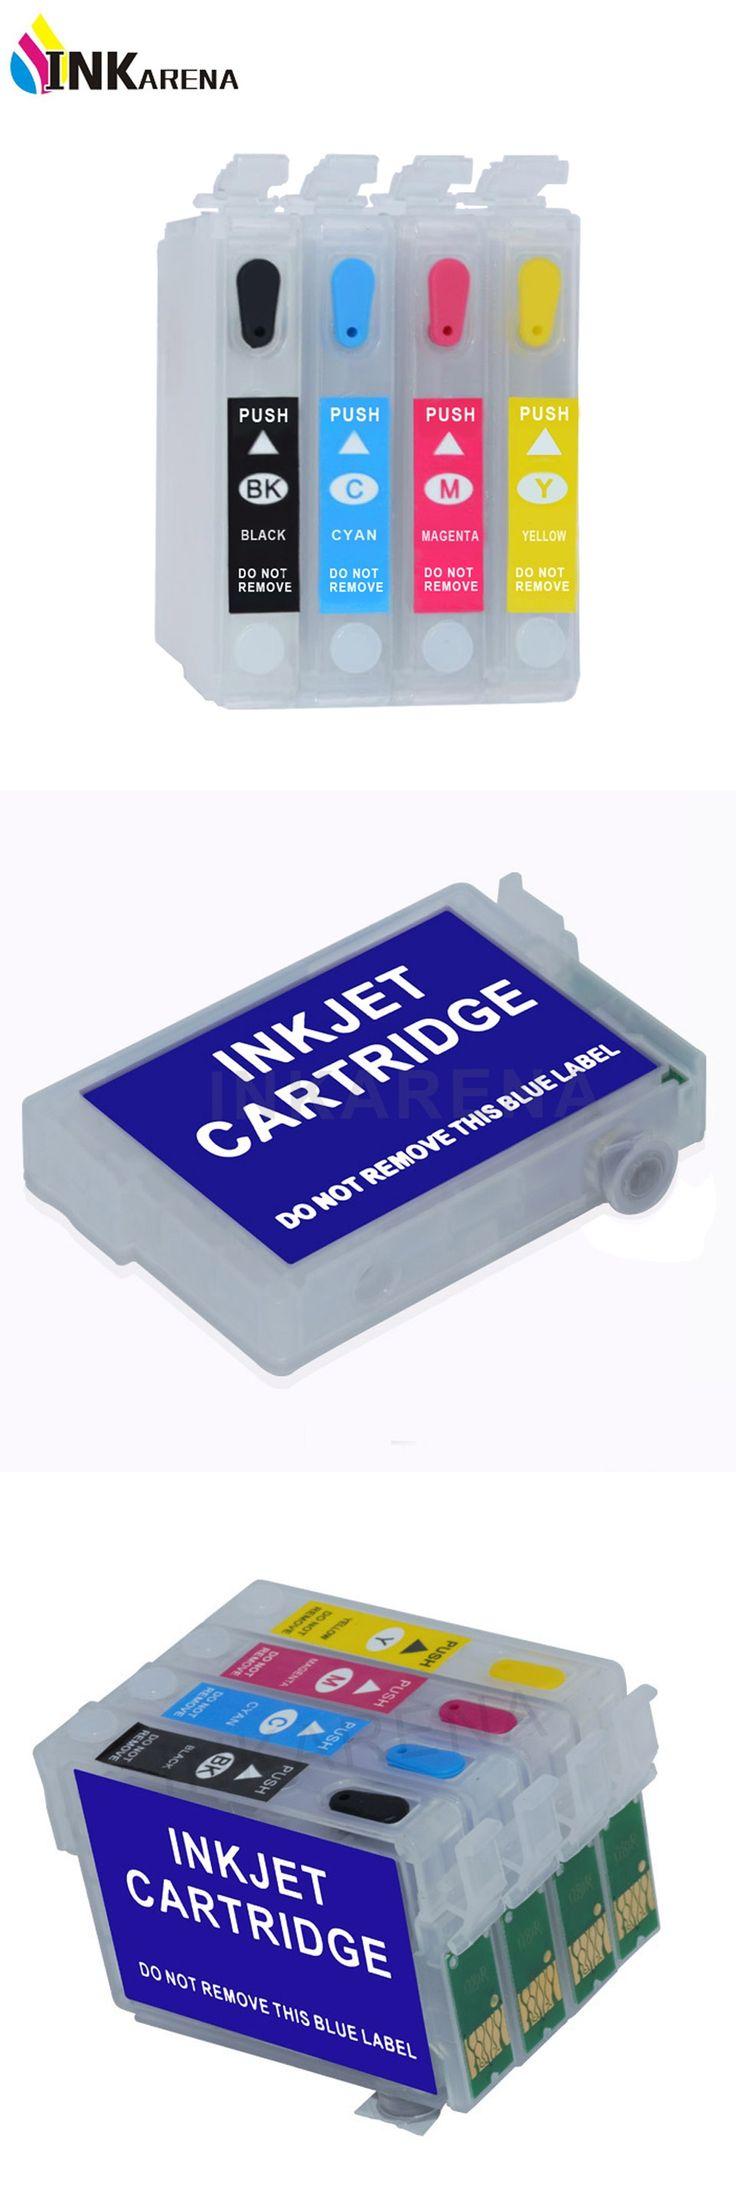 4PCS/set Empty T0631 Refillable ink cartridge For Epson T0631 Stylus C67 C87 C87PE CX4100 CX4700 CX3700 Printers With Reset Chip